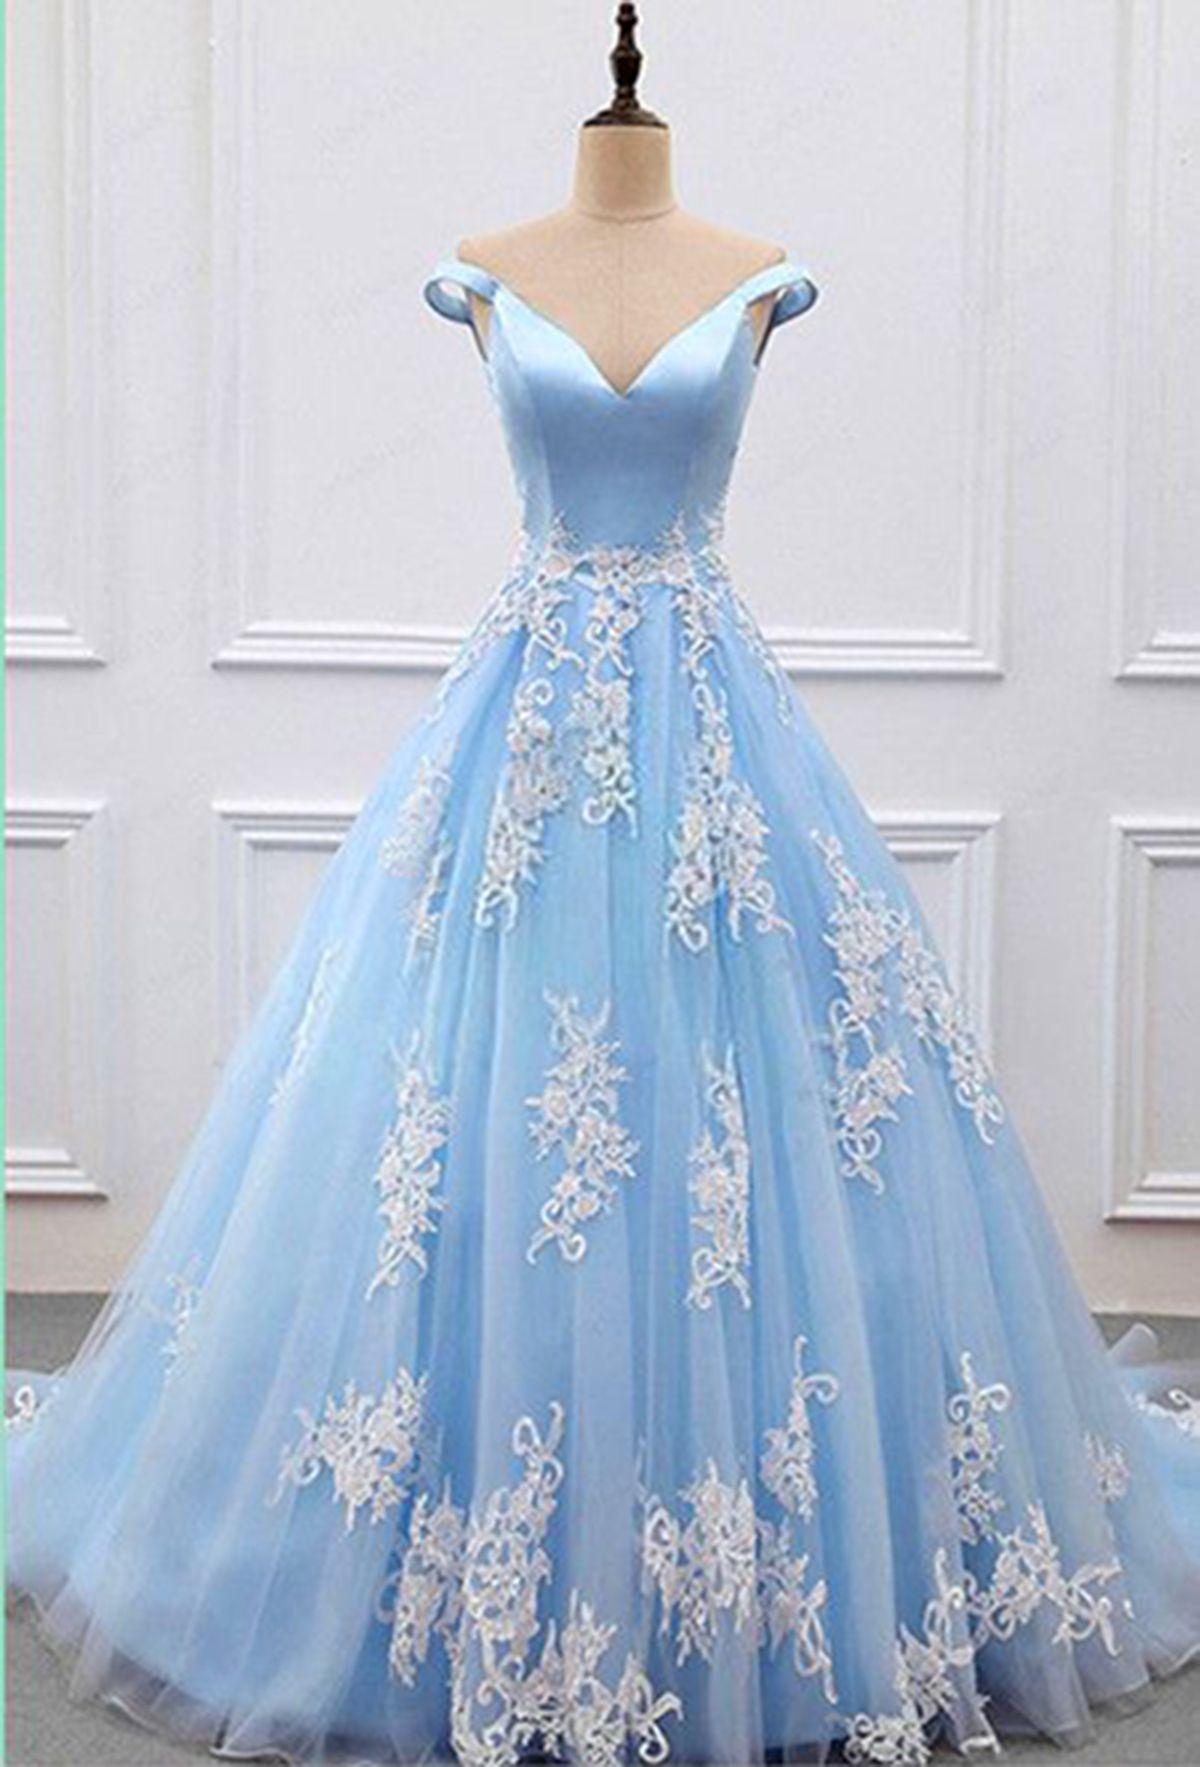 Sweet dresses stylish vneck blue tulle off shoulder prom dress